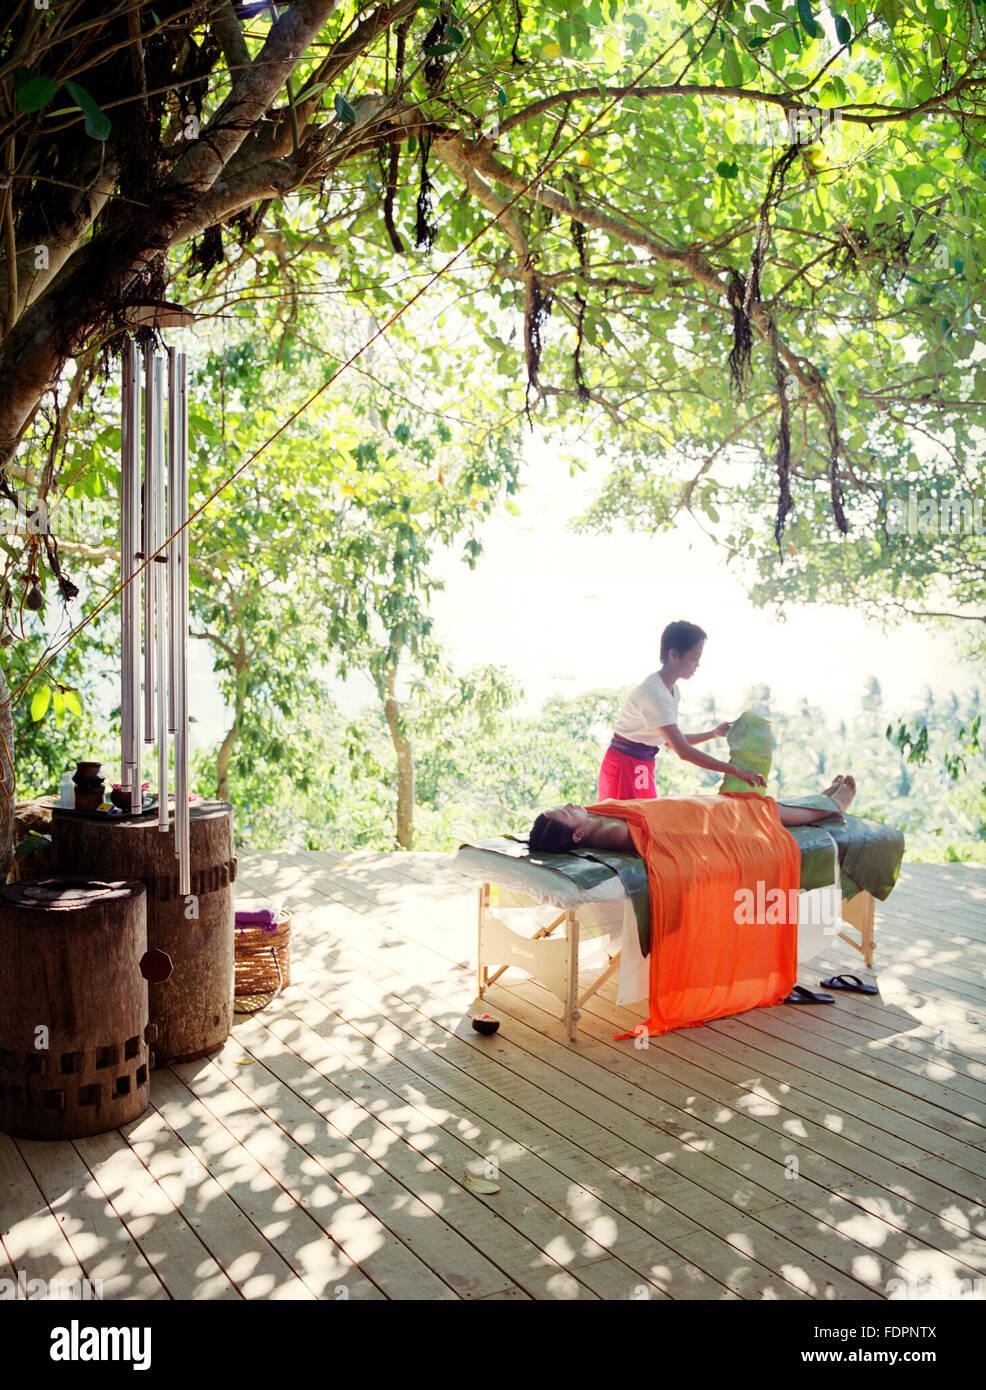 Un terapista applica una Papaya-Pineapple Body polish Wrap per un client. Il Boracay,Filippine Immagini Stock